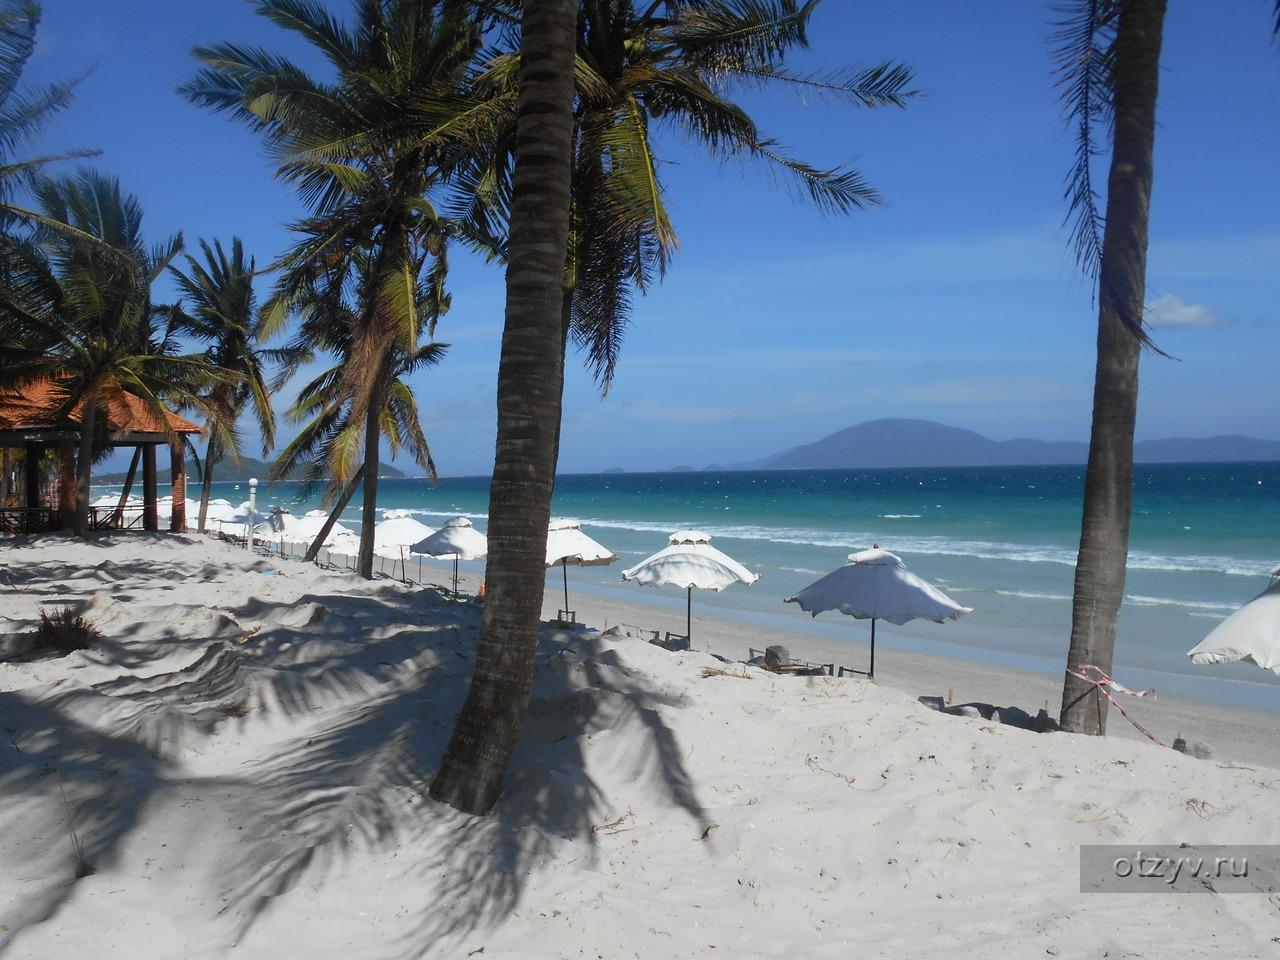 вьетнам нячанг в ноябре отзывы туристов фото семи лет